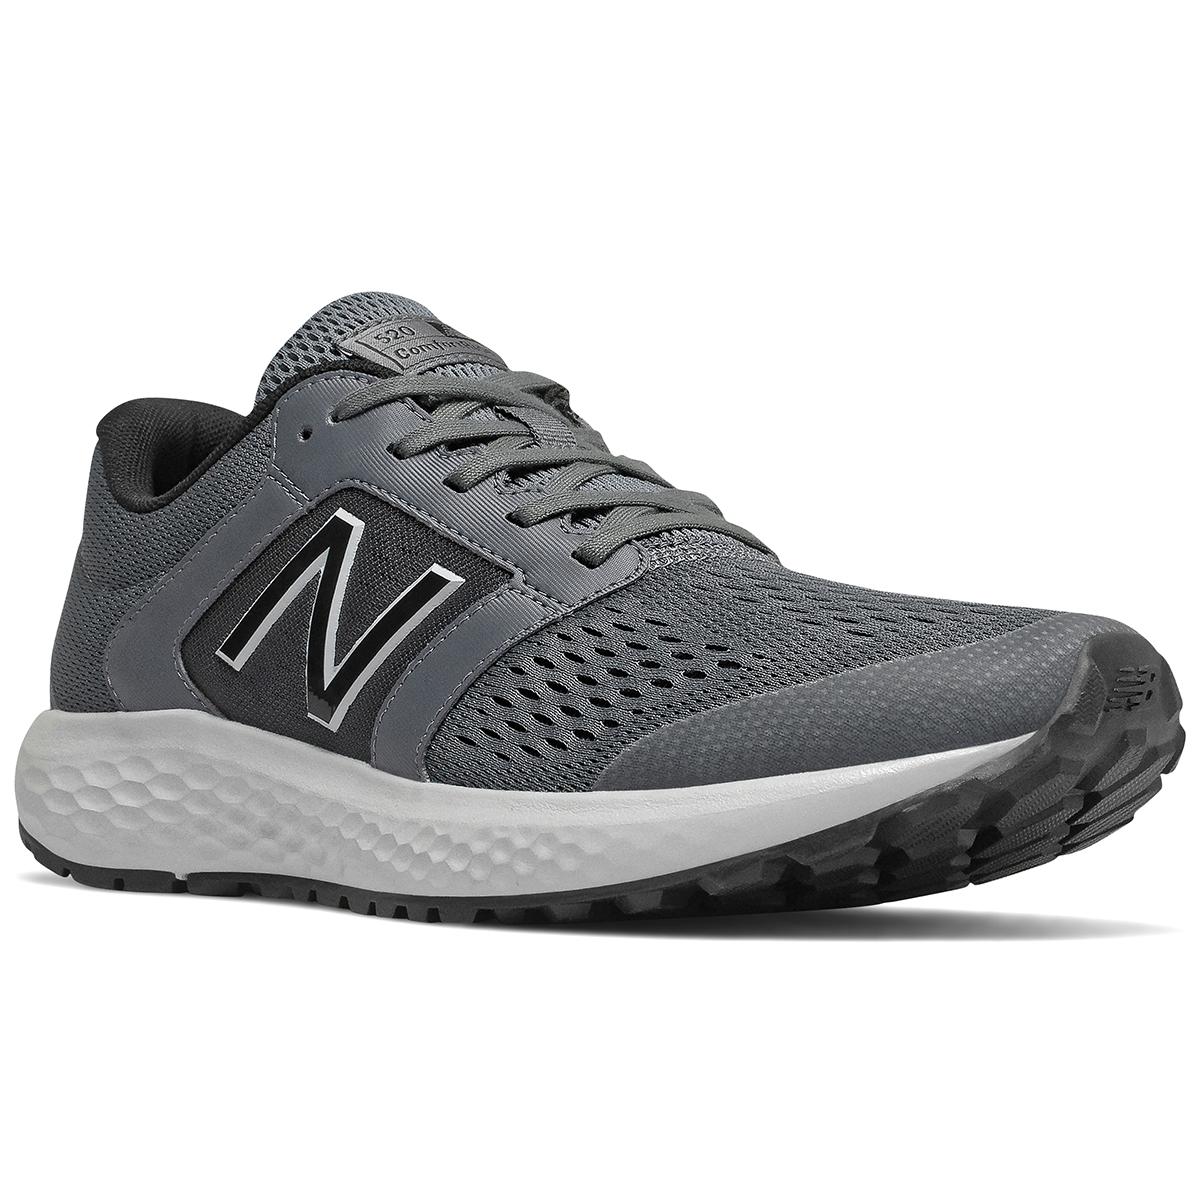 New Balance Men's 520 V5 Running Shoe - Black, 9